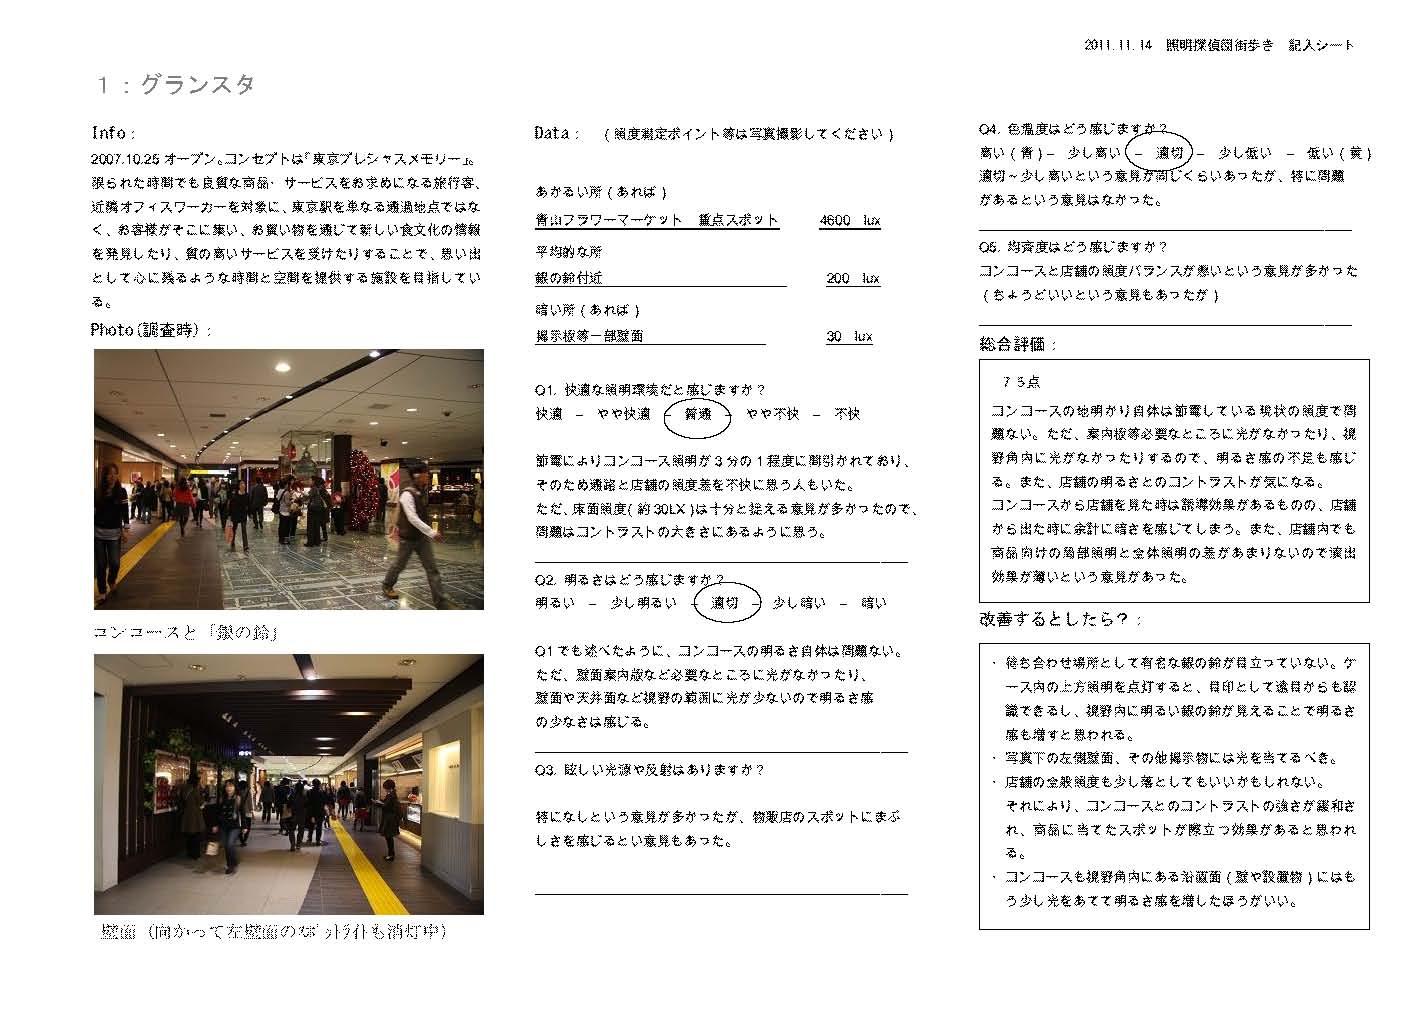 照明探偵団サロン @ 渋谷 照明探偵団事務局